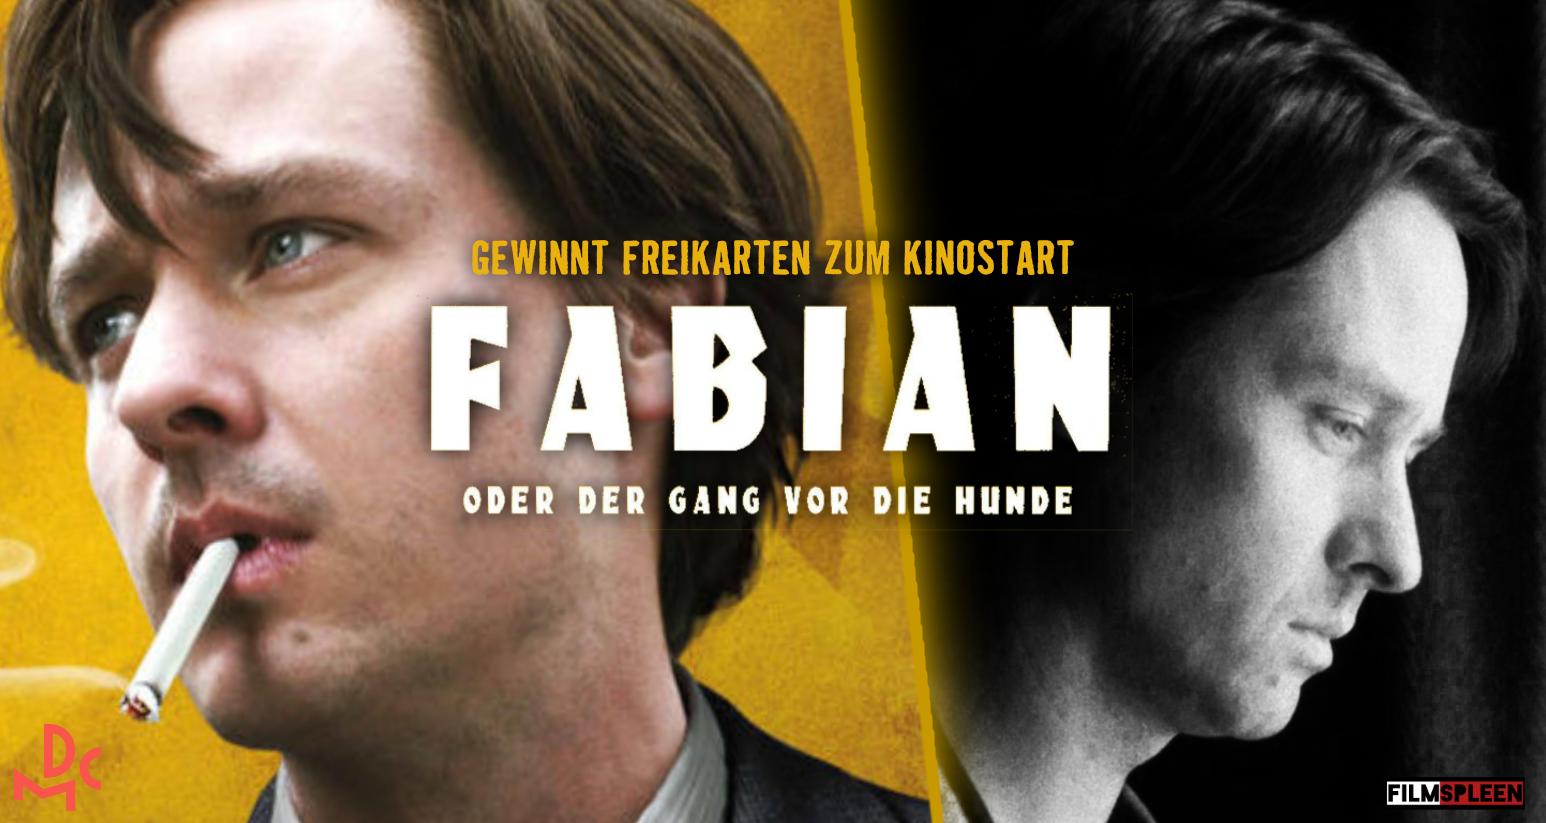 FABIAN_GWS